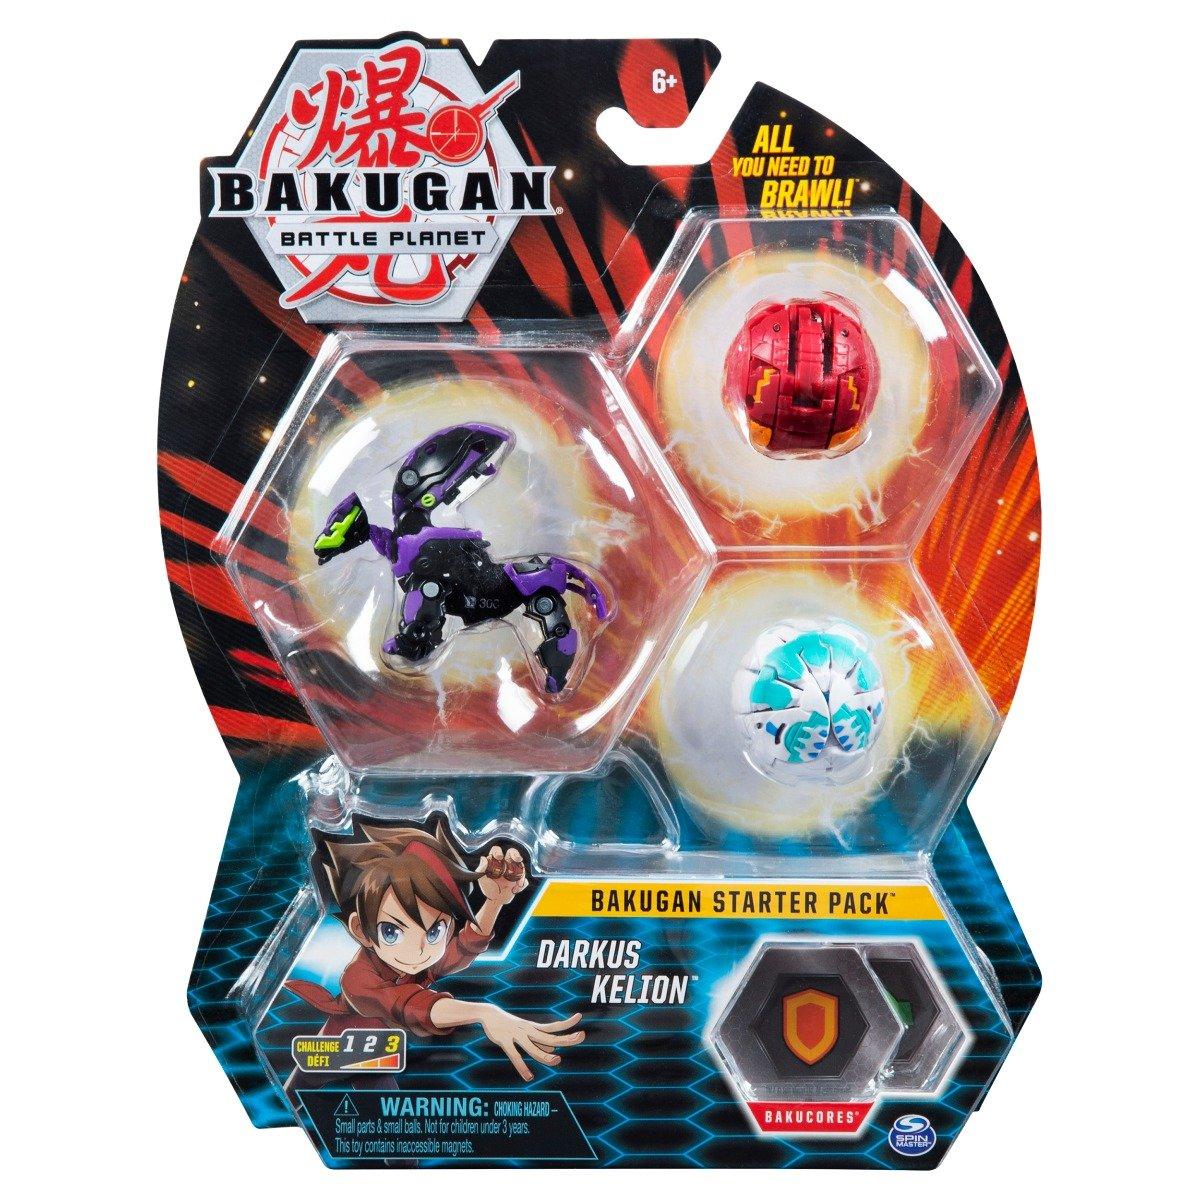 Set Bakugan Battle Planet Starter Pack, Darkus Kelion, 20118473